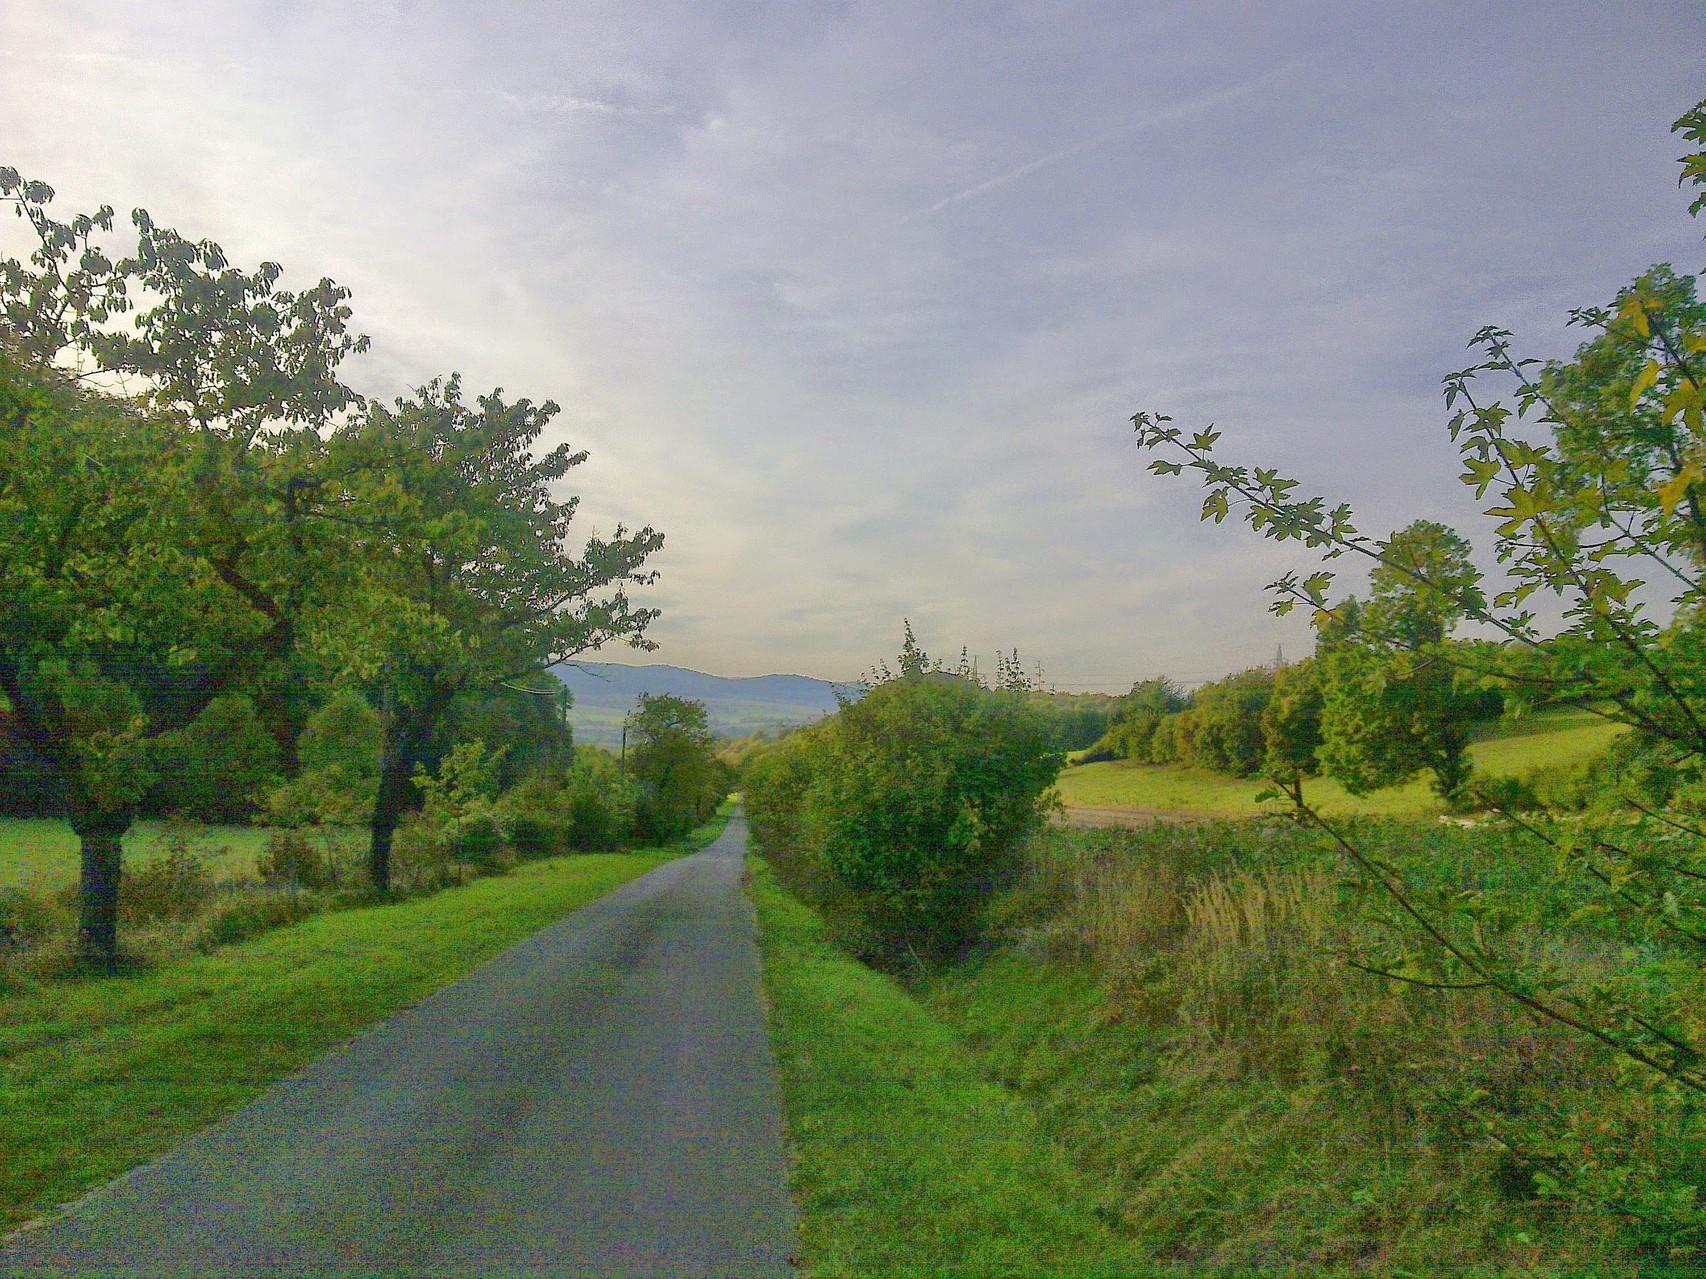 ~ Bild: Rückansicht vom Waldrand (Hörzen/Hohe Tafel (Tafelberg)) in Richtung Brüggen (Leine) ~